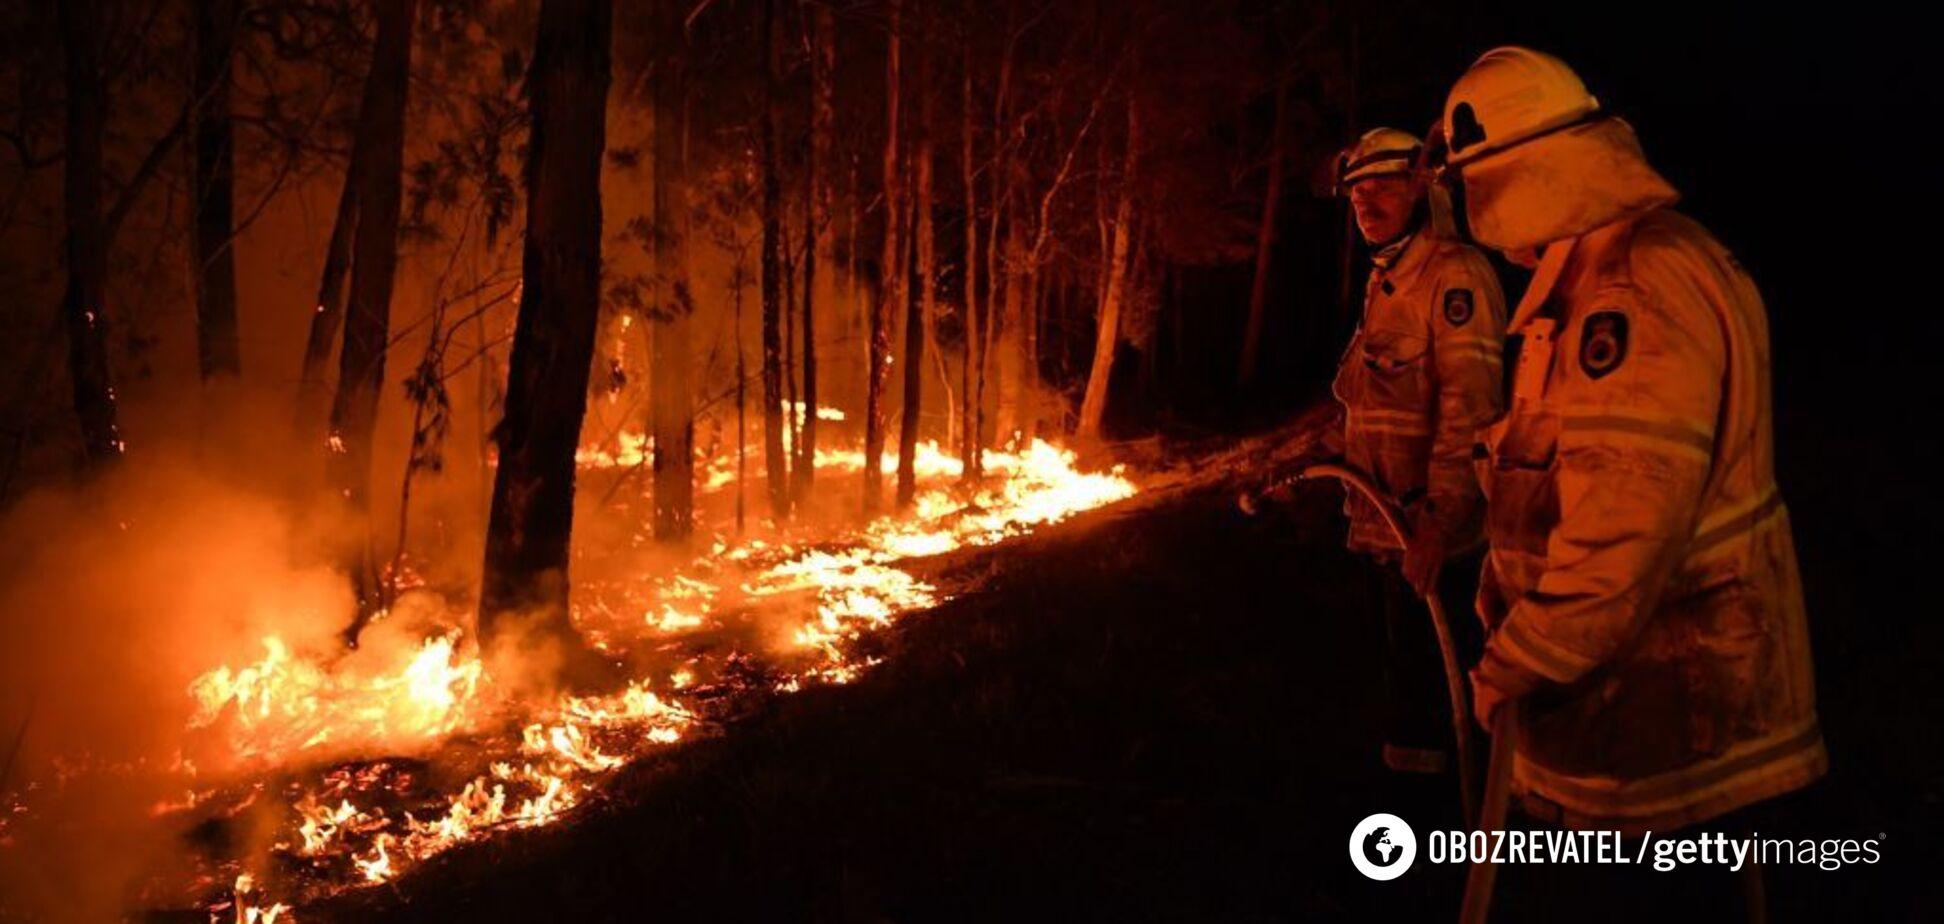 'Святий Боже не допоможе': українець, який живе в Австралії, розкрив правду про пожежі